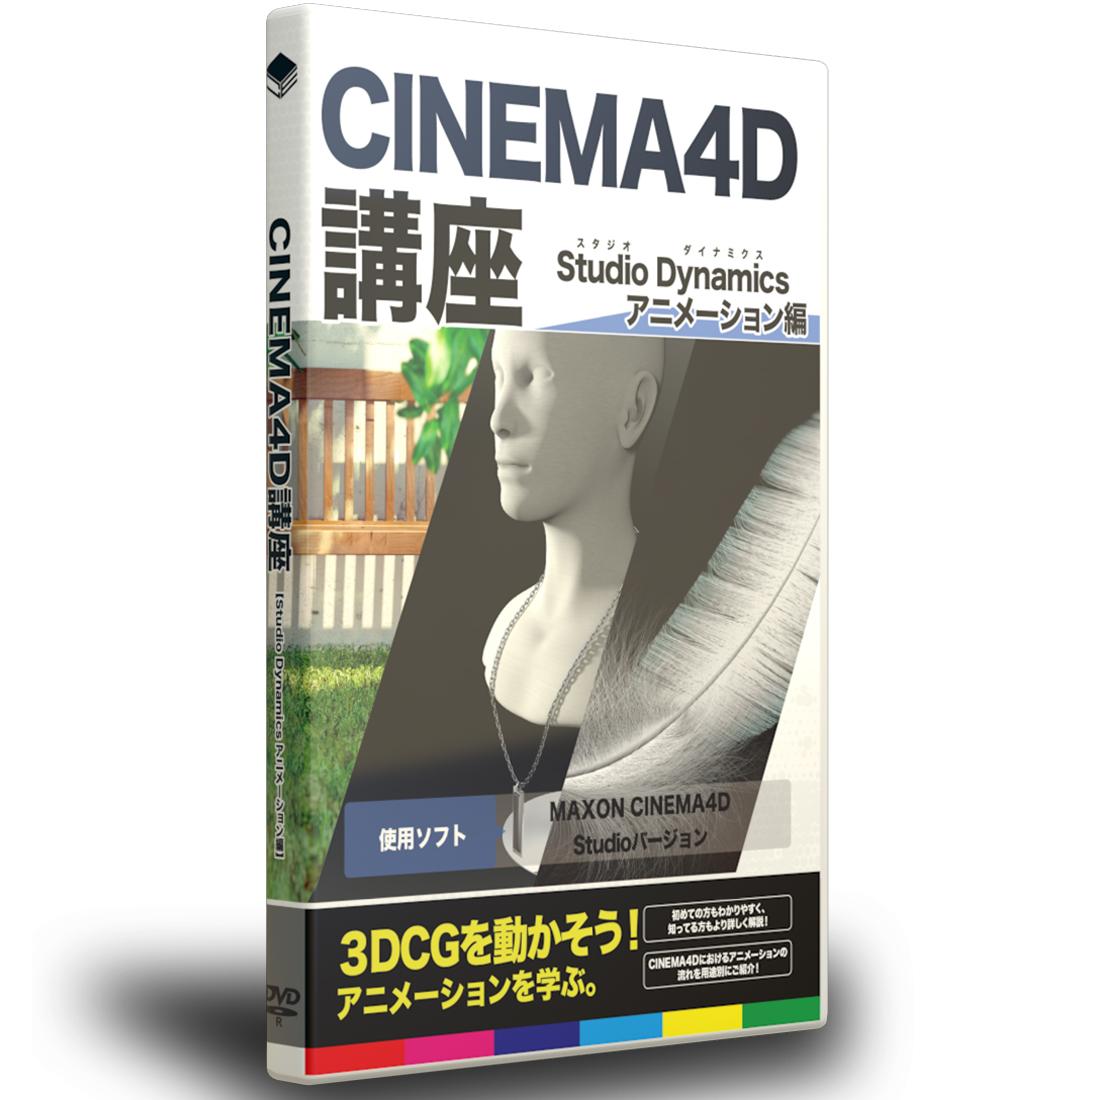 CINEMA4D講座【Studioアニメーション】